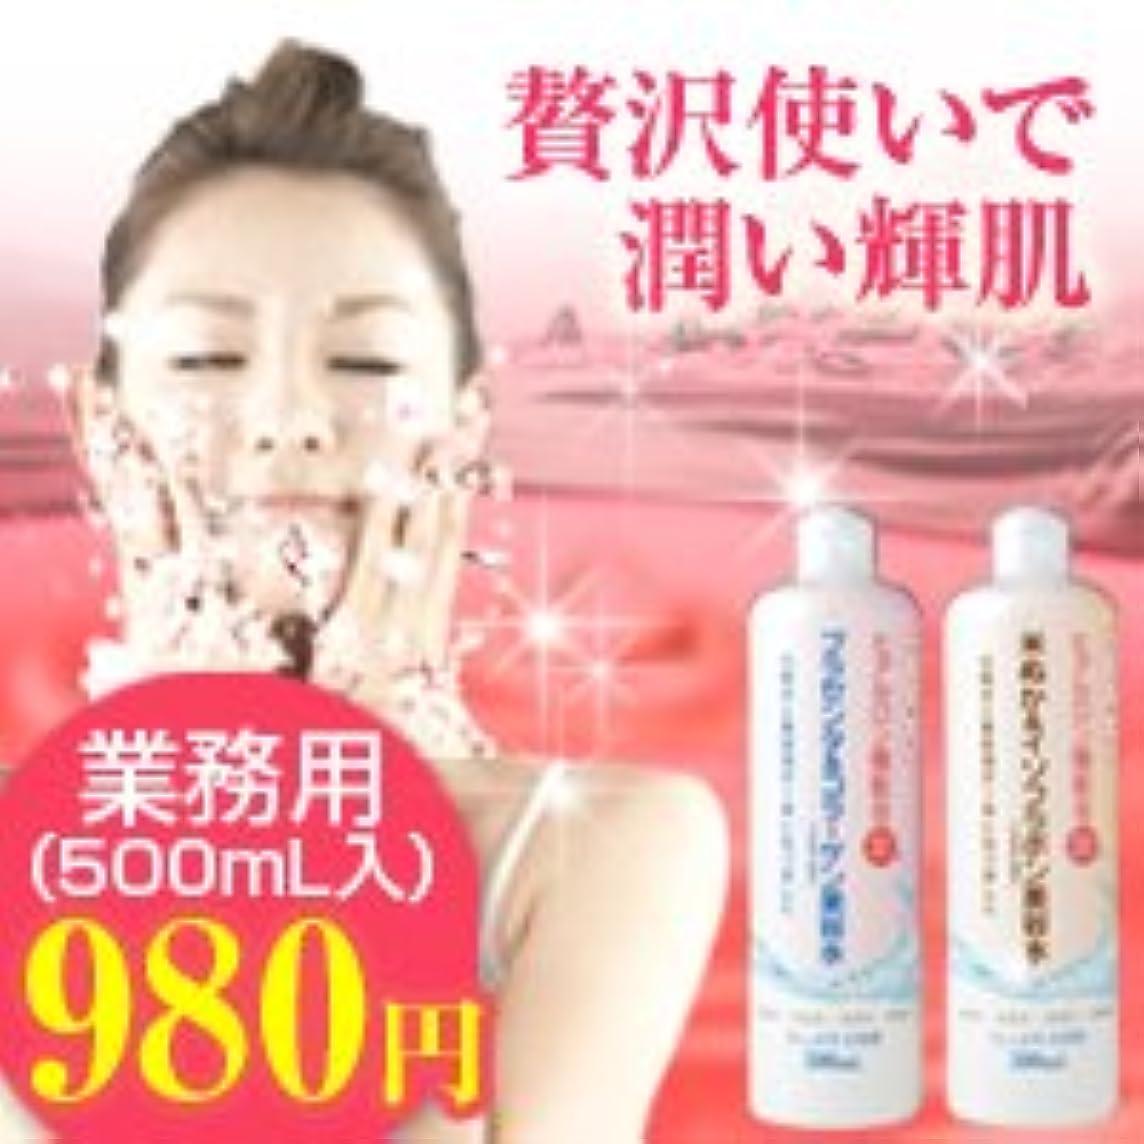 散るフォルダ変形する贅沢輝肌 プラセンタコラーゲン美容水 500ml 2本セット